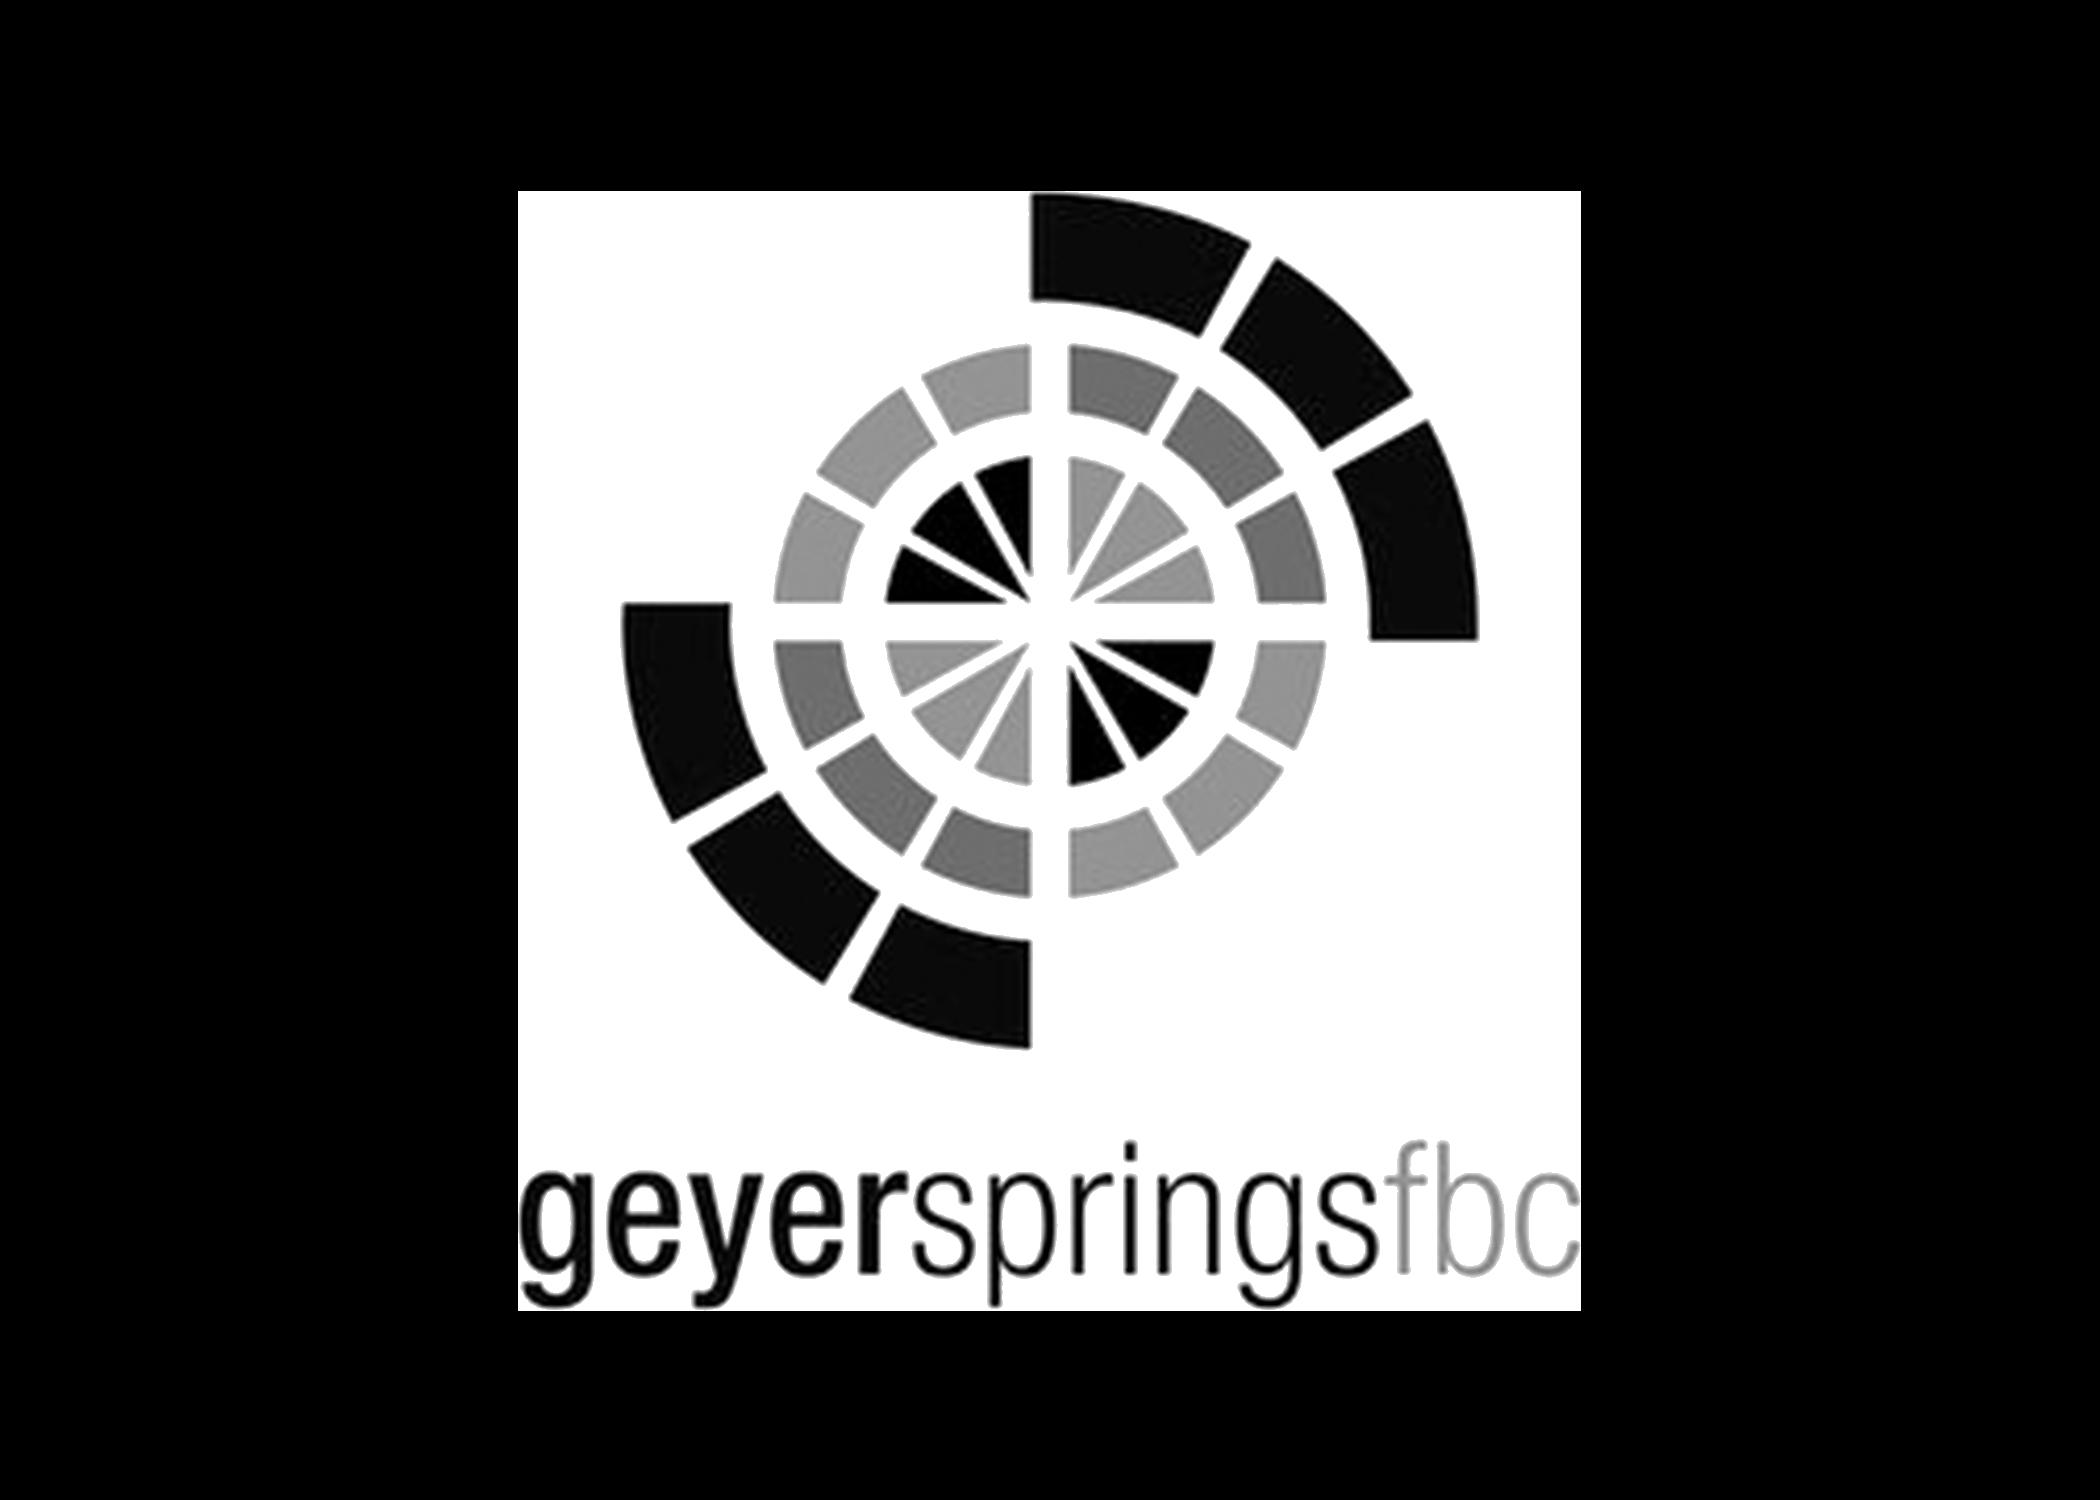 Geyerspringsfbc BW.png